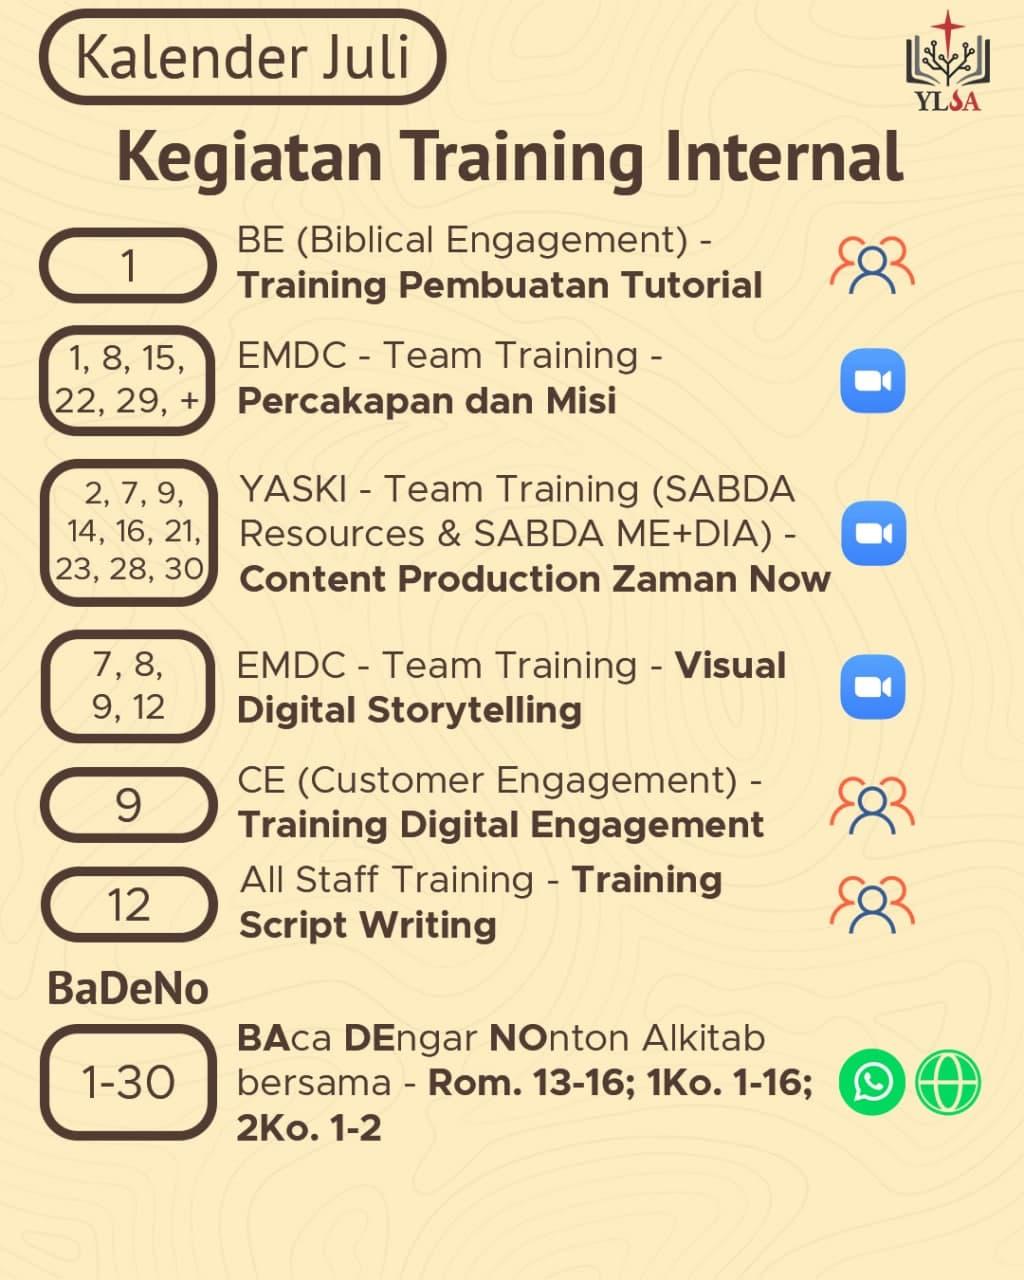 Kalender kegiatan/training internal YLSA selama Juli 2021.